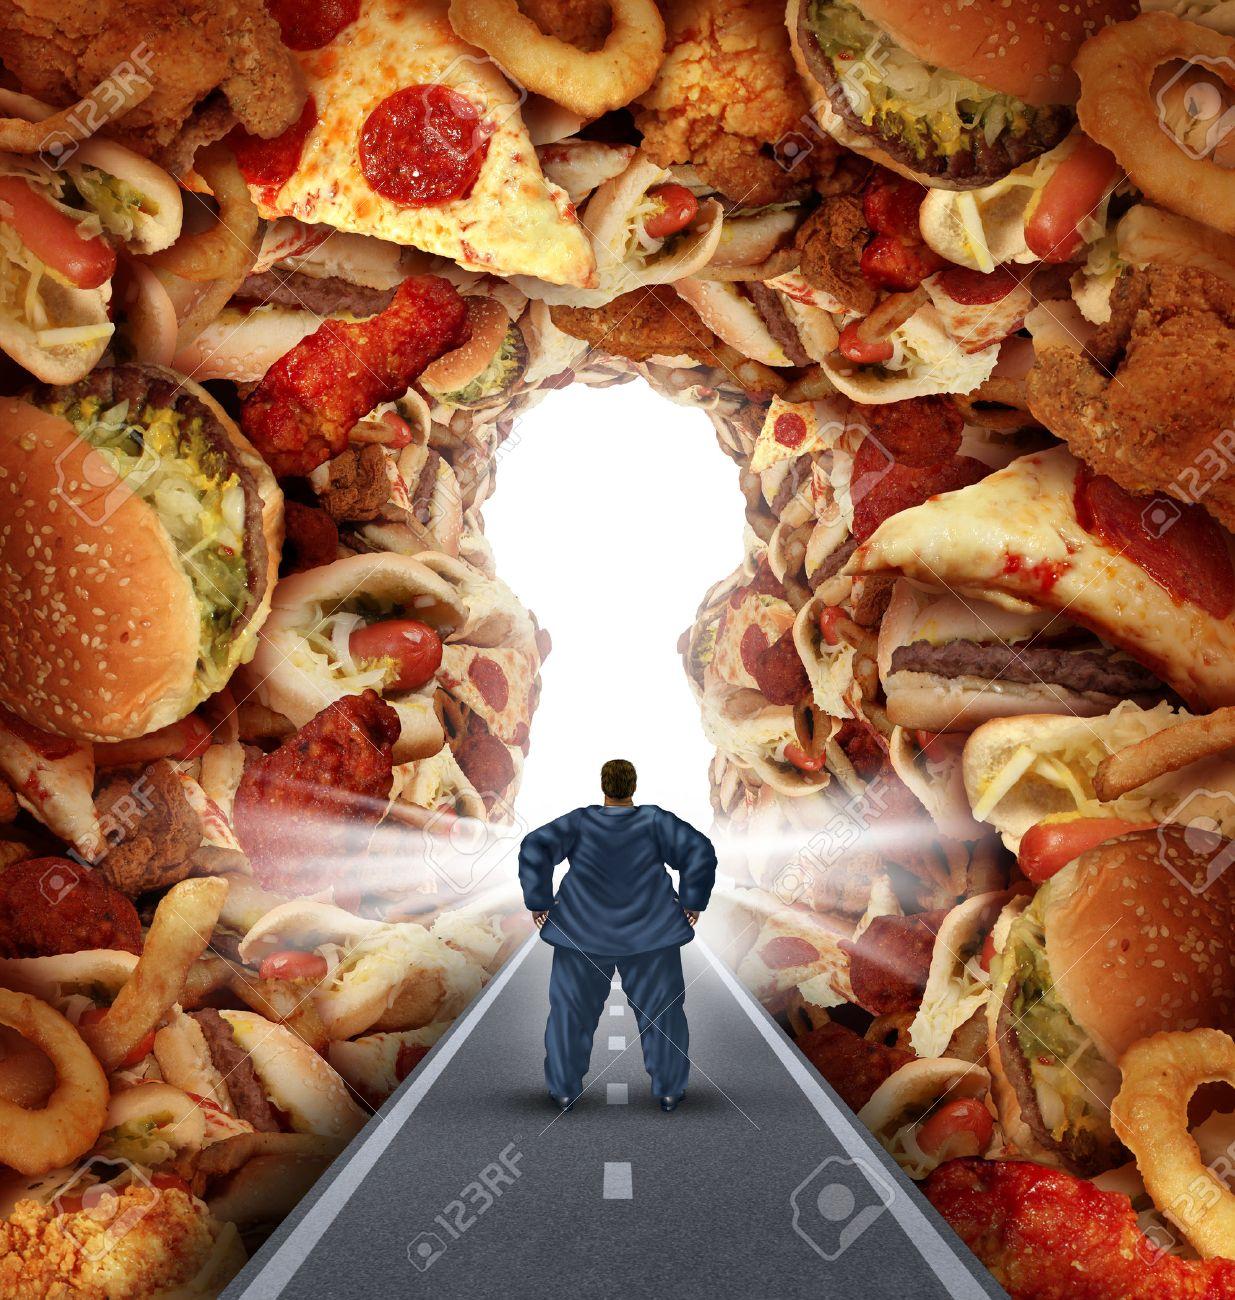 risiken übergewicht